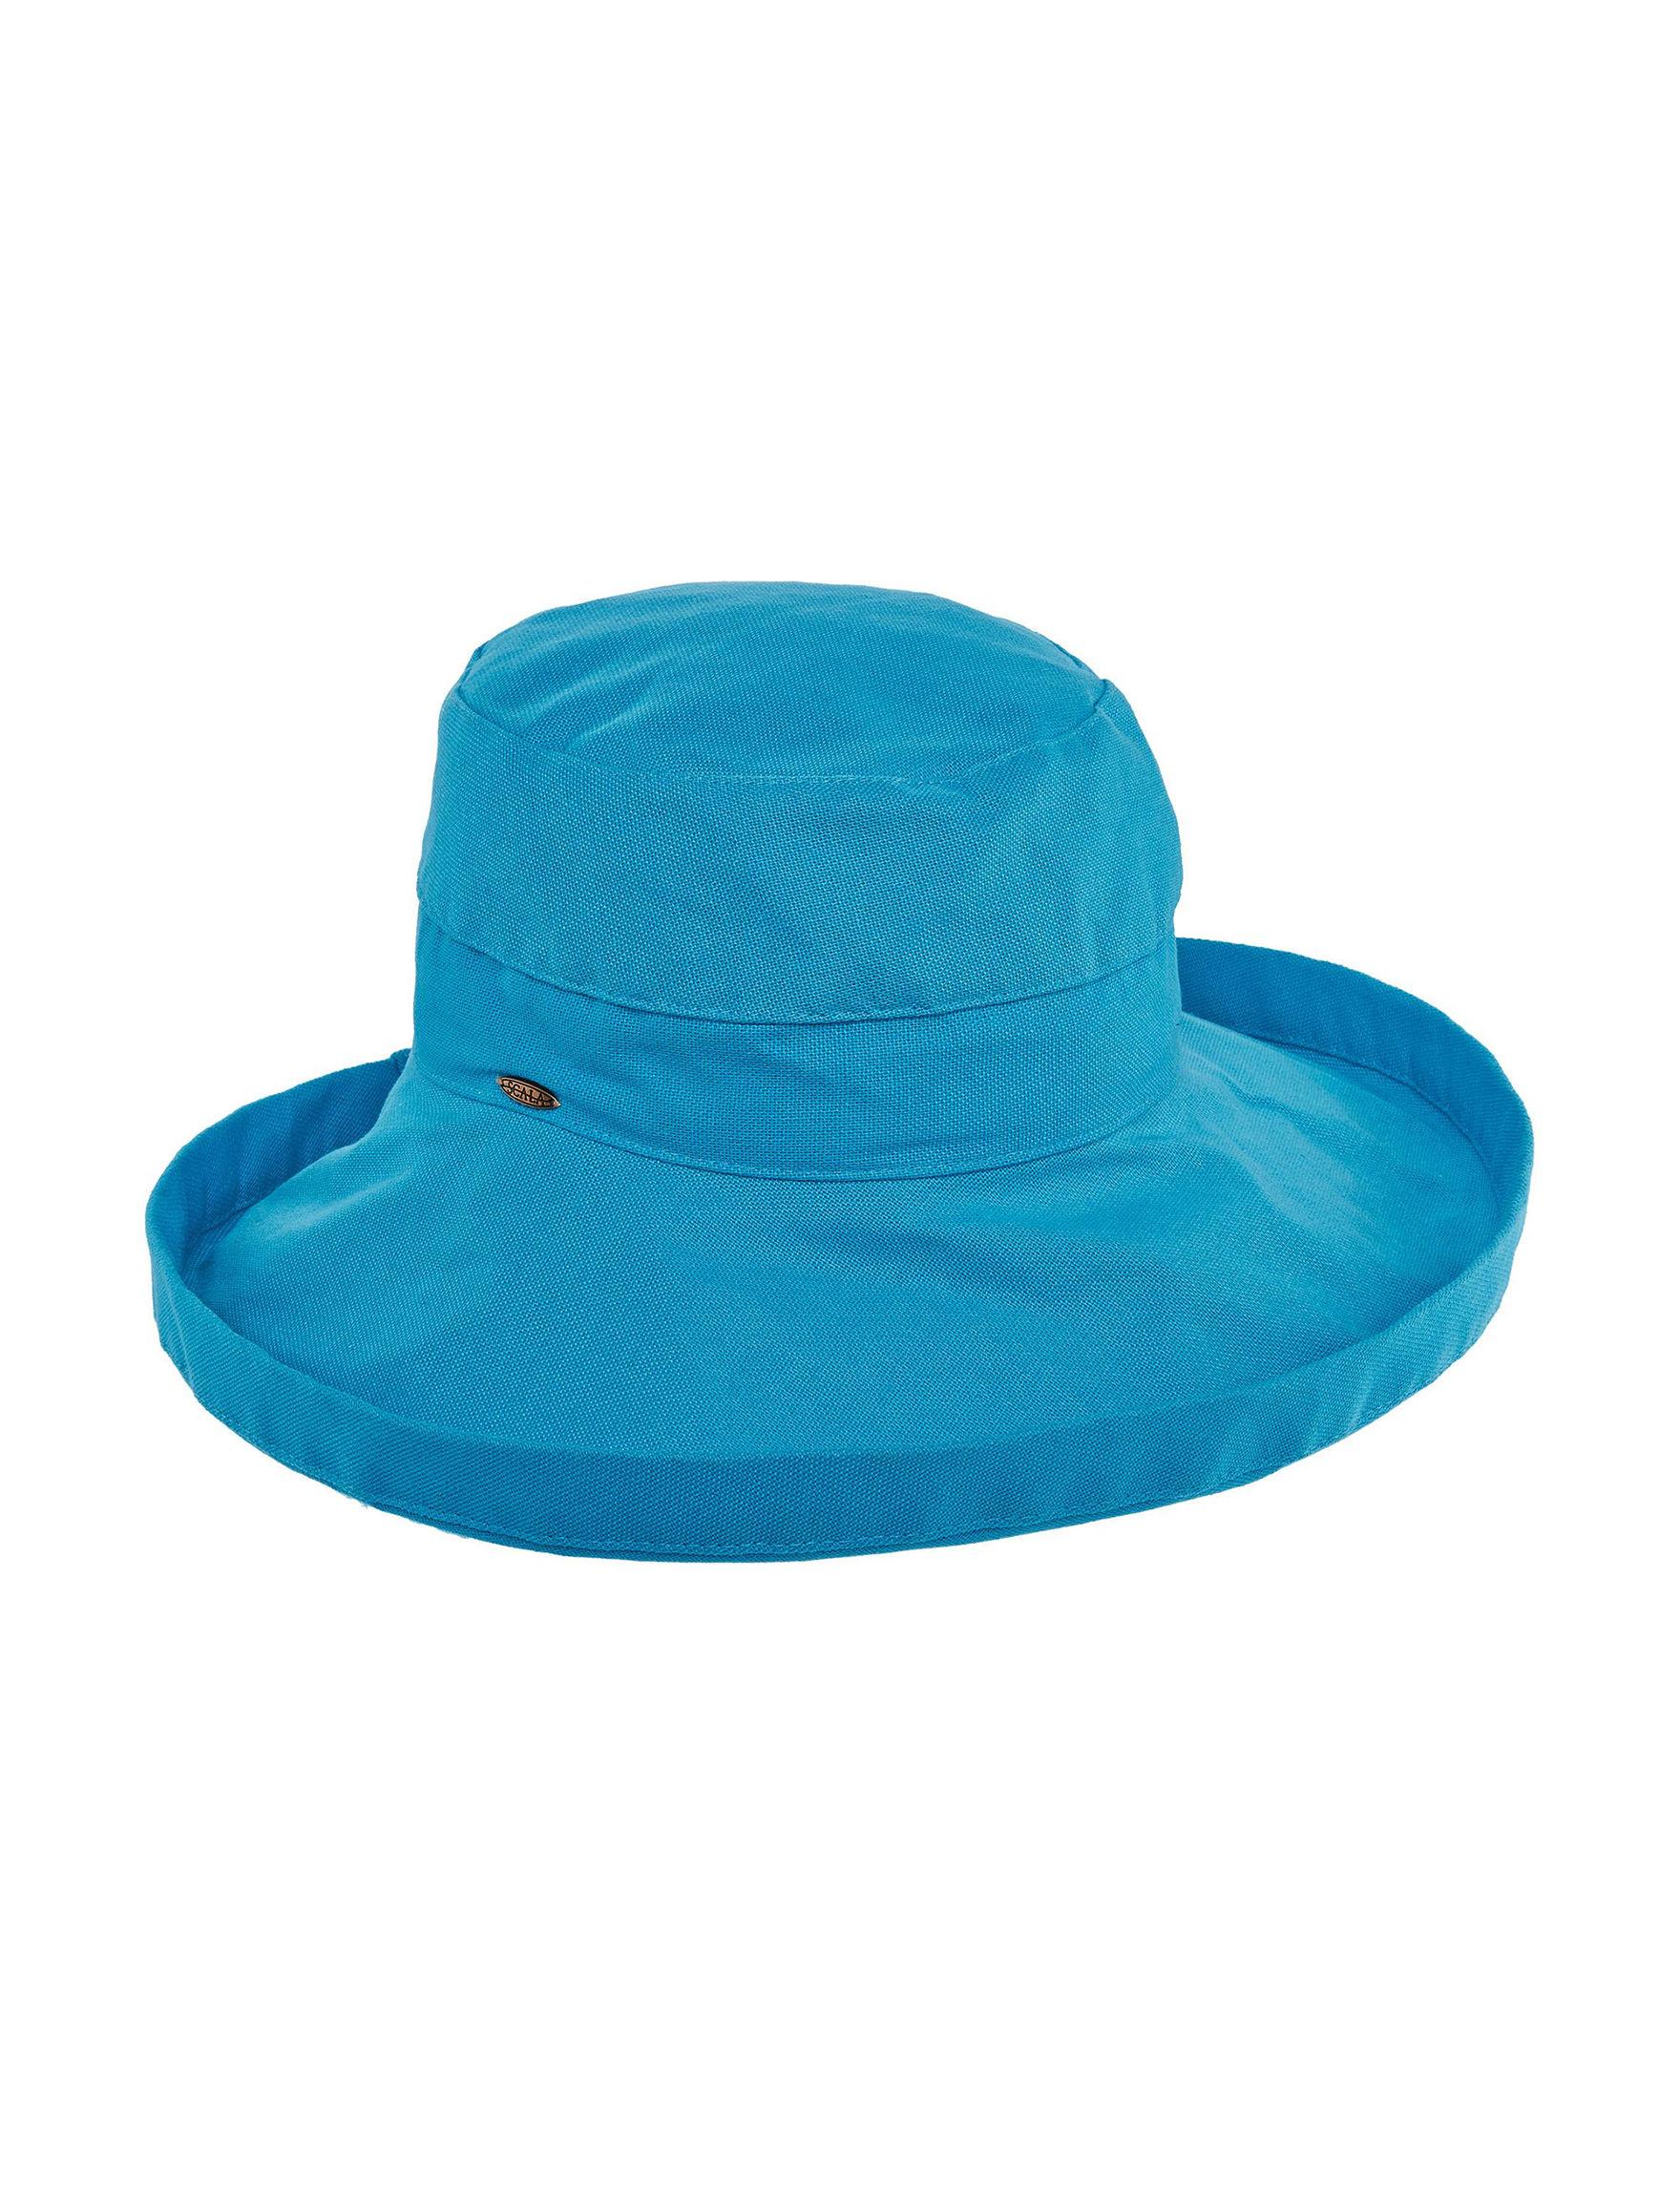 c3783838 Scala Women's Cotton Big Brim Sun Hat | Stage Stores